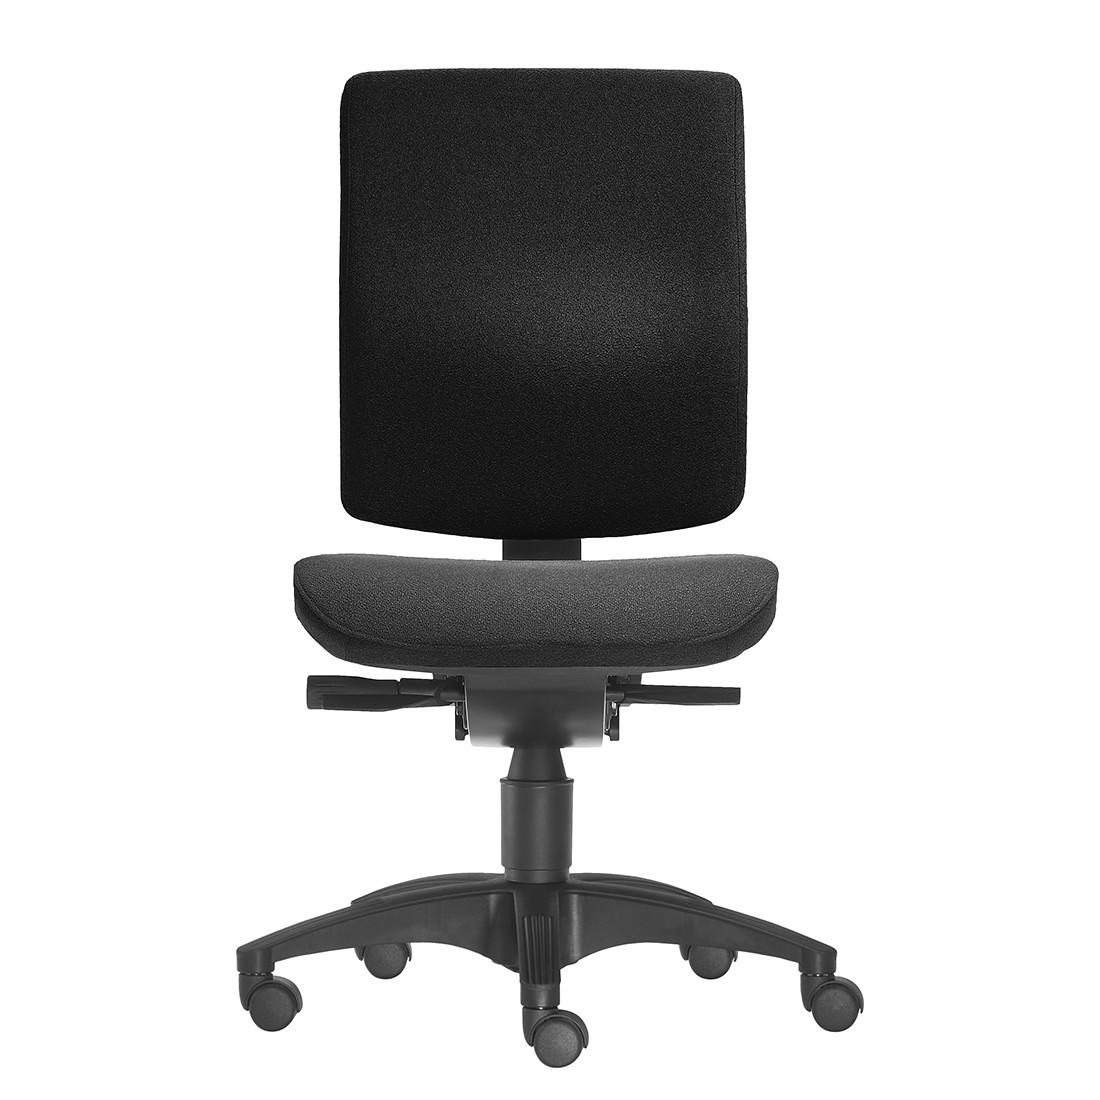 Bürodrehstuhl Cube S – Ohne Armlehnen – Schwarz, 1000 Stühle Gernot-M. Steifensand online kaufen